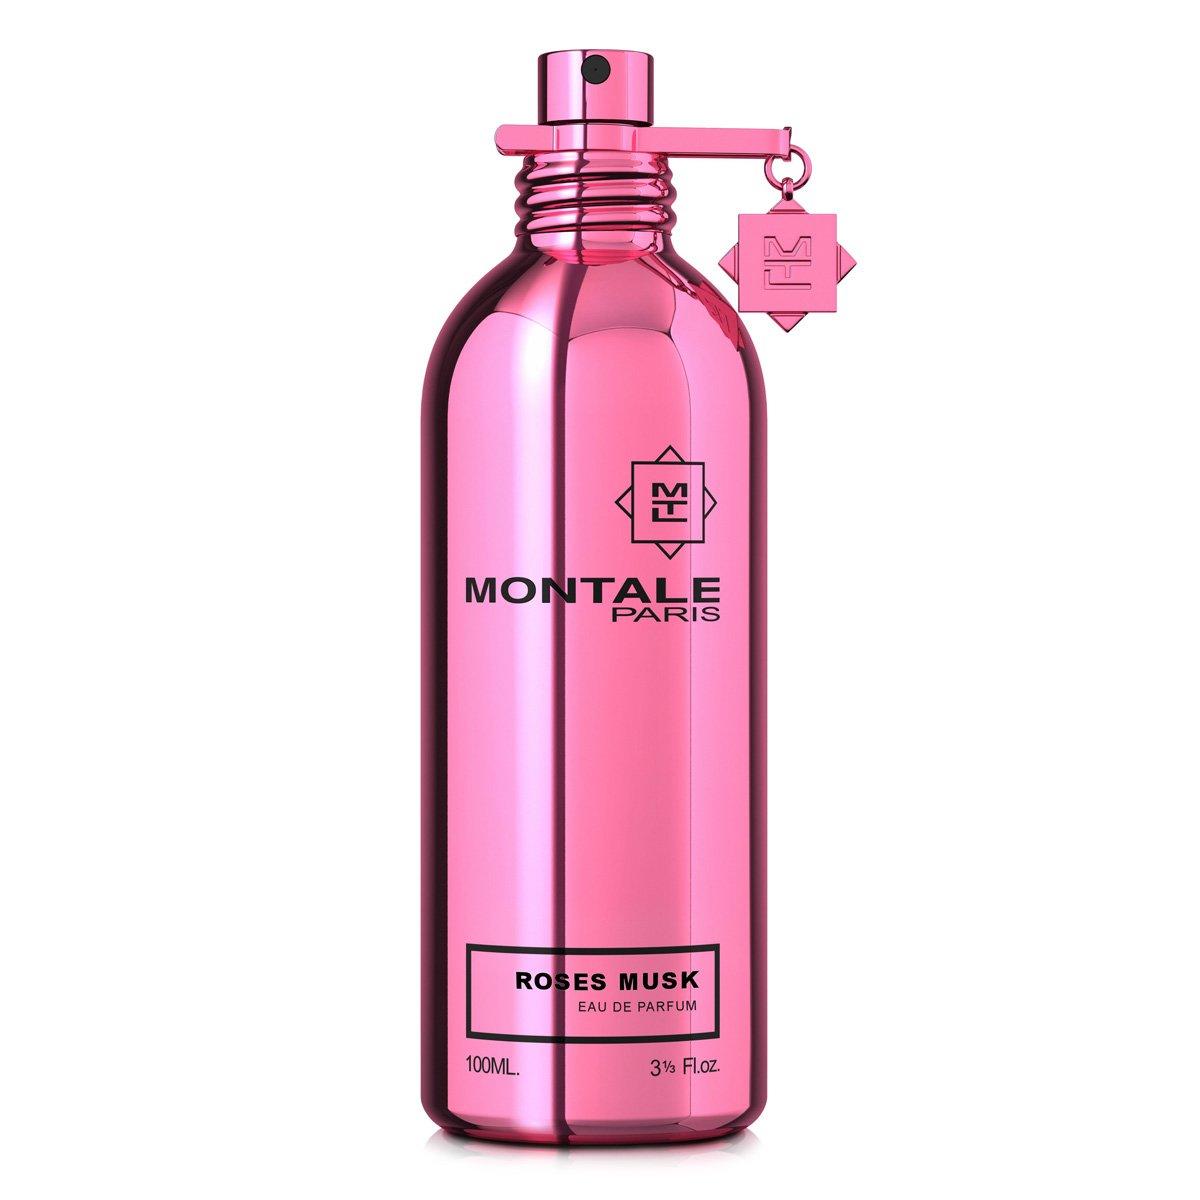 Купить духи Montale Roses Musk, монталь отзывы, алматы монталь парфюм